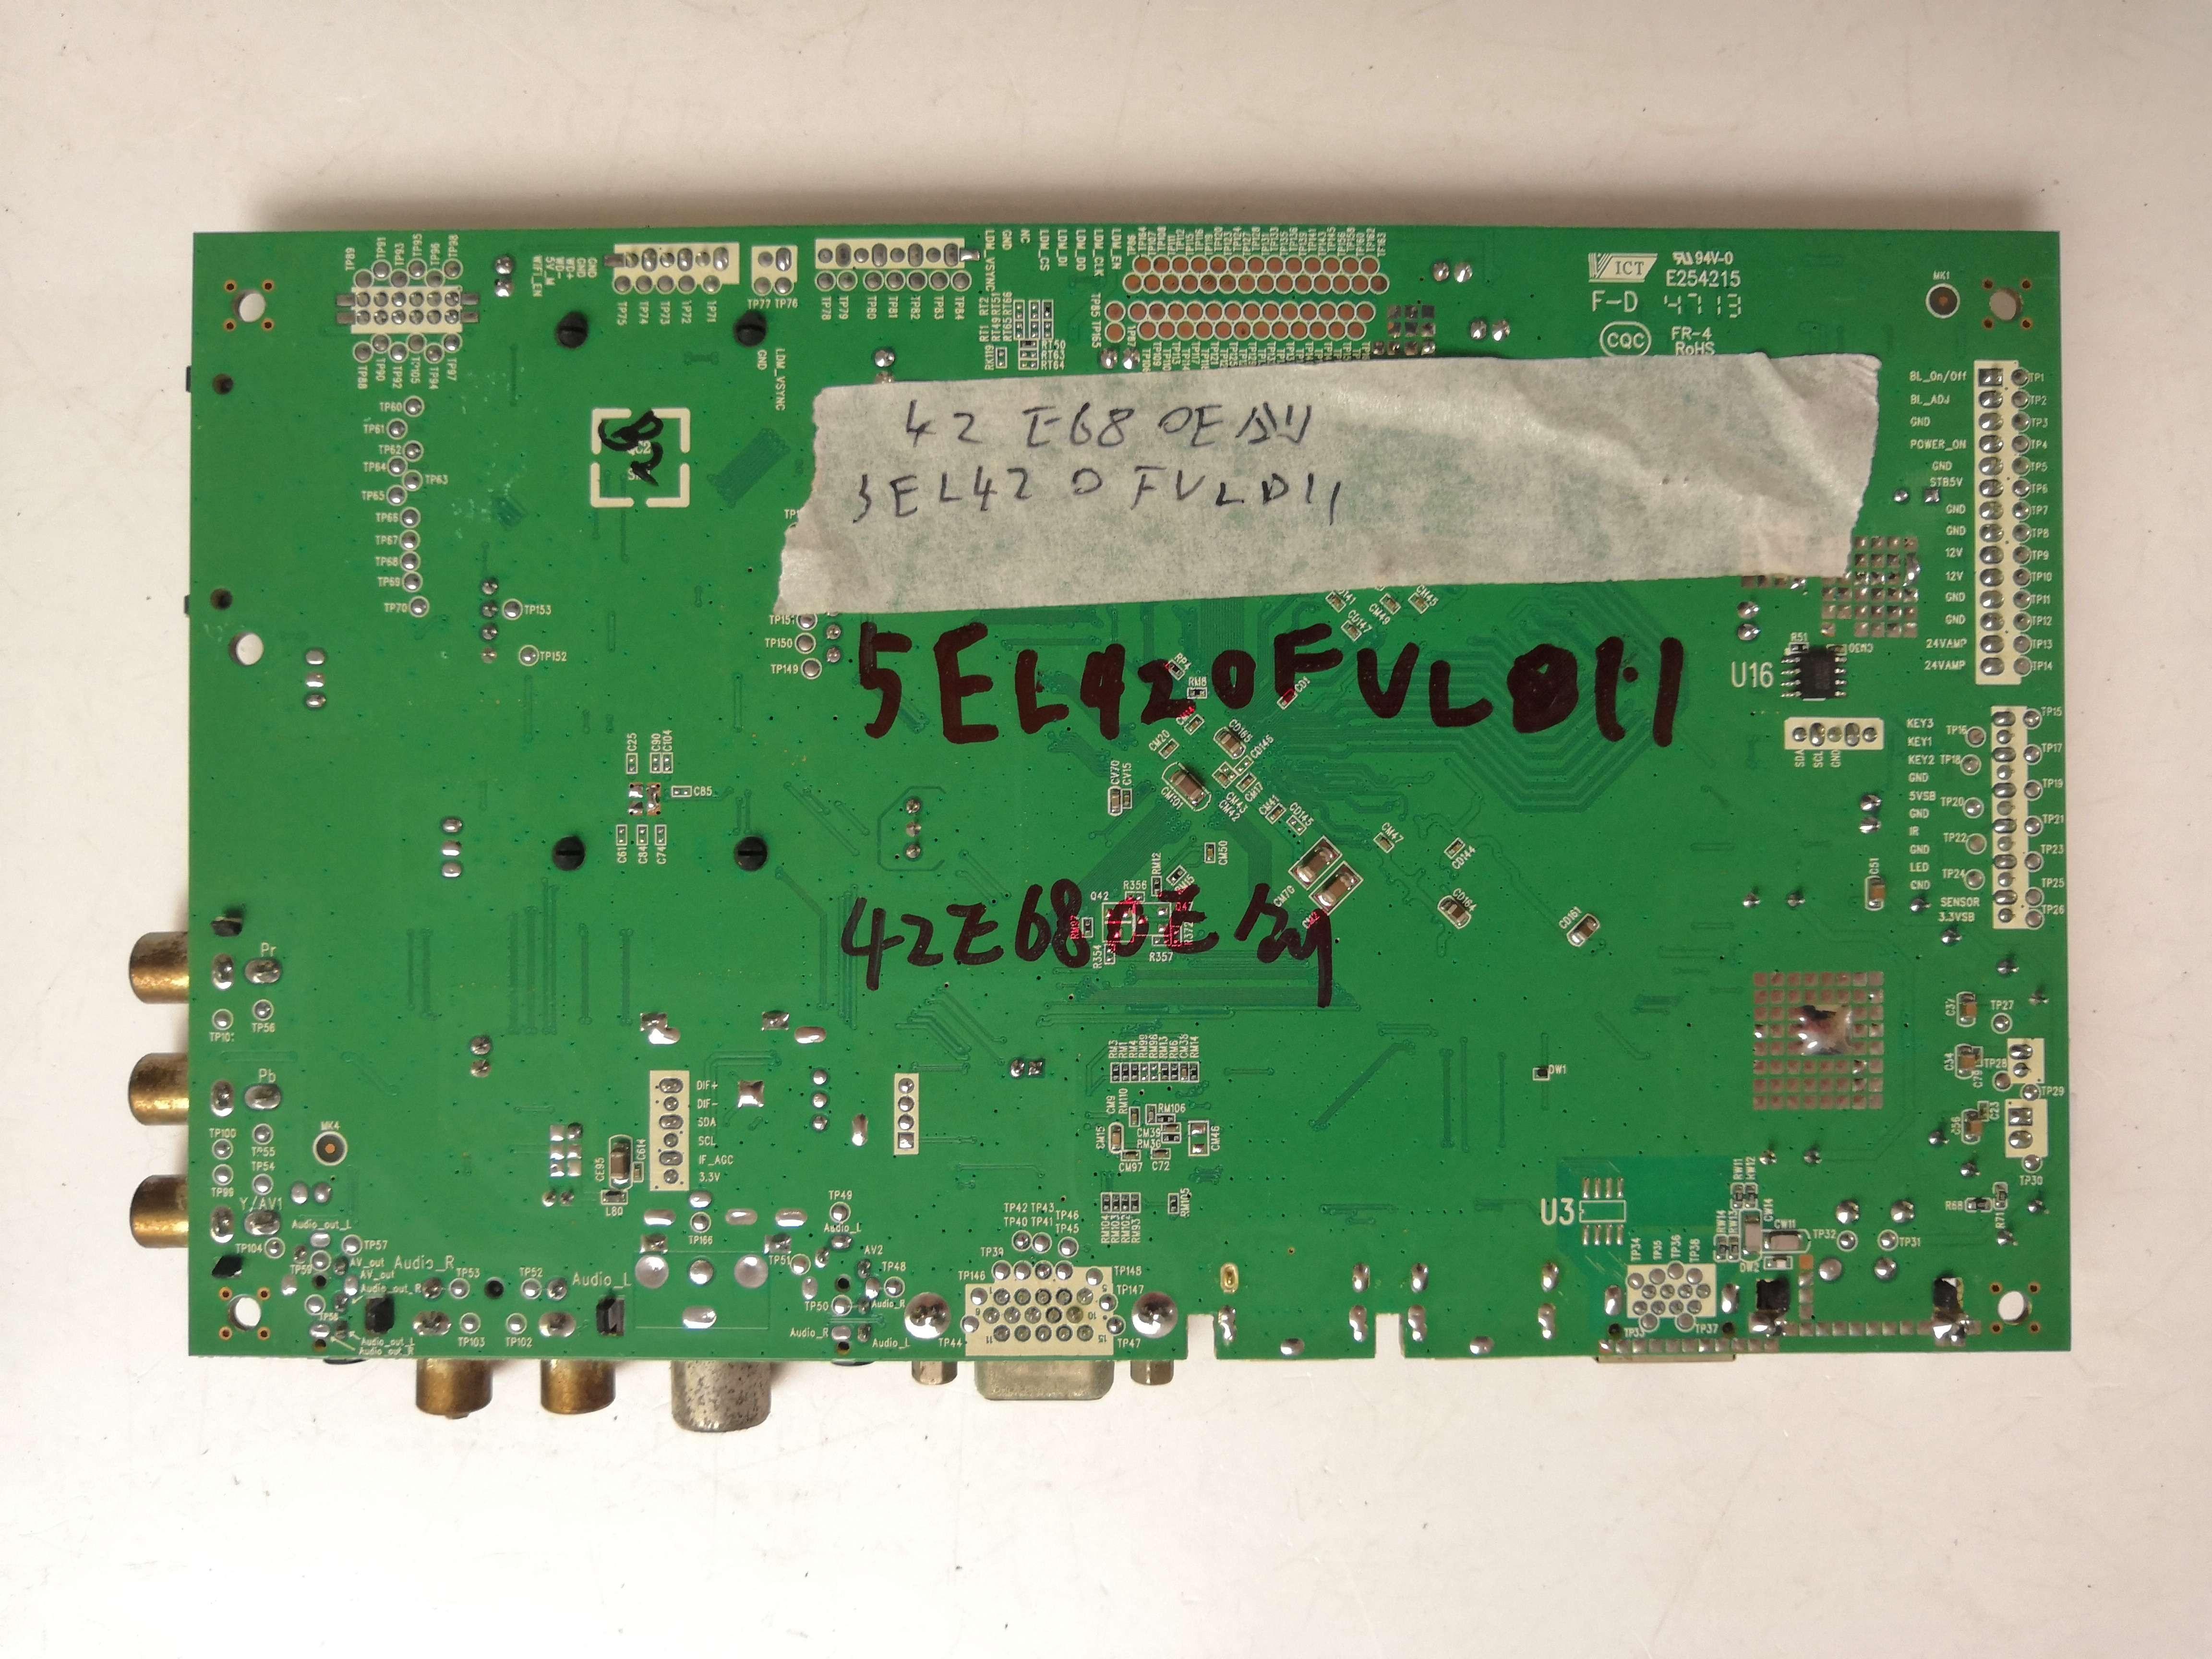 Main Board Circuit Logic Board Constante Board 42E680E TV moederbord 5800-A8K540-0P20 met screen SEL420FY (LDF-112)